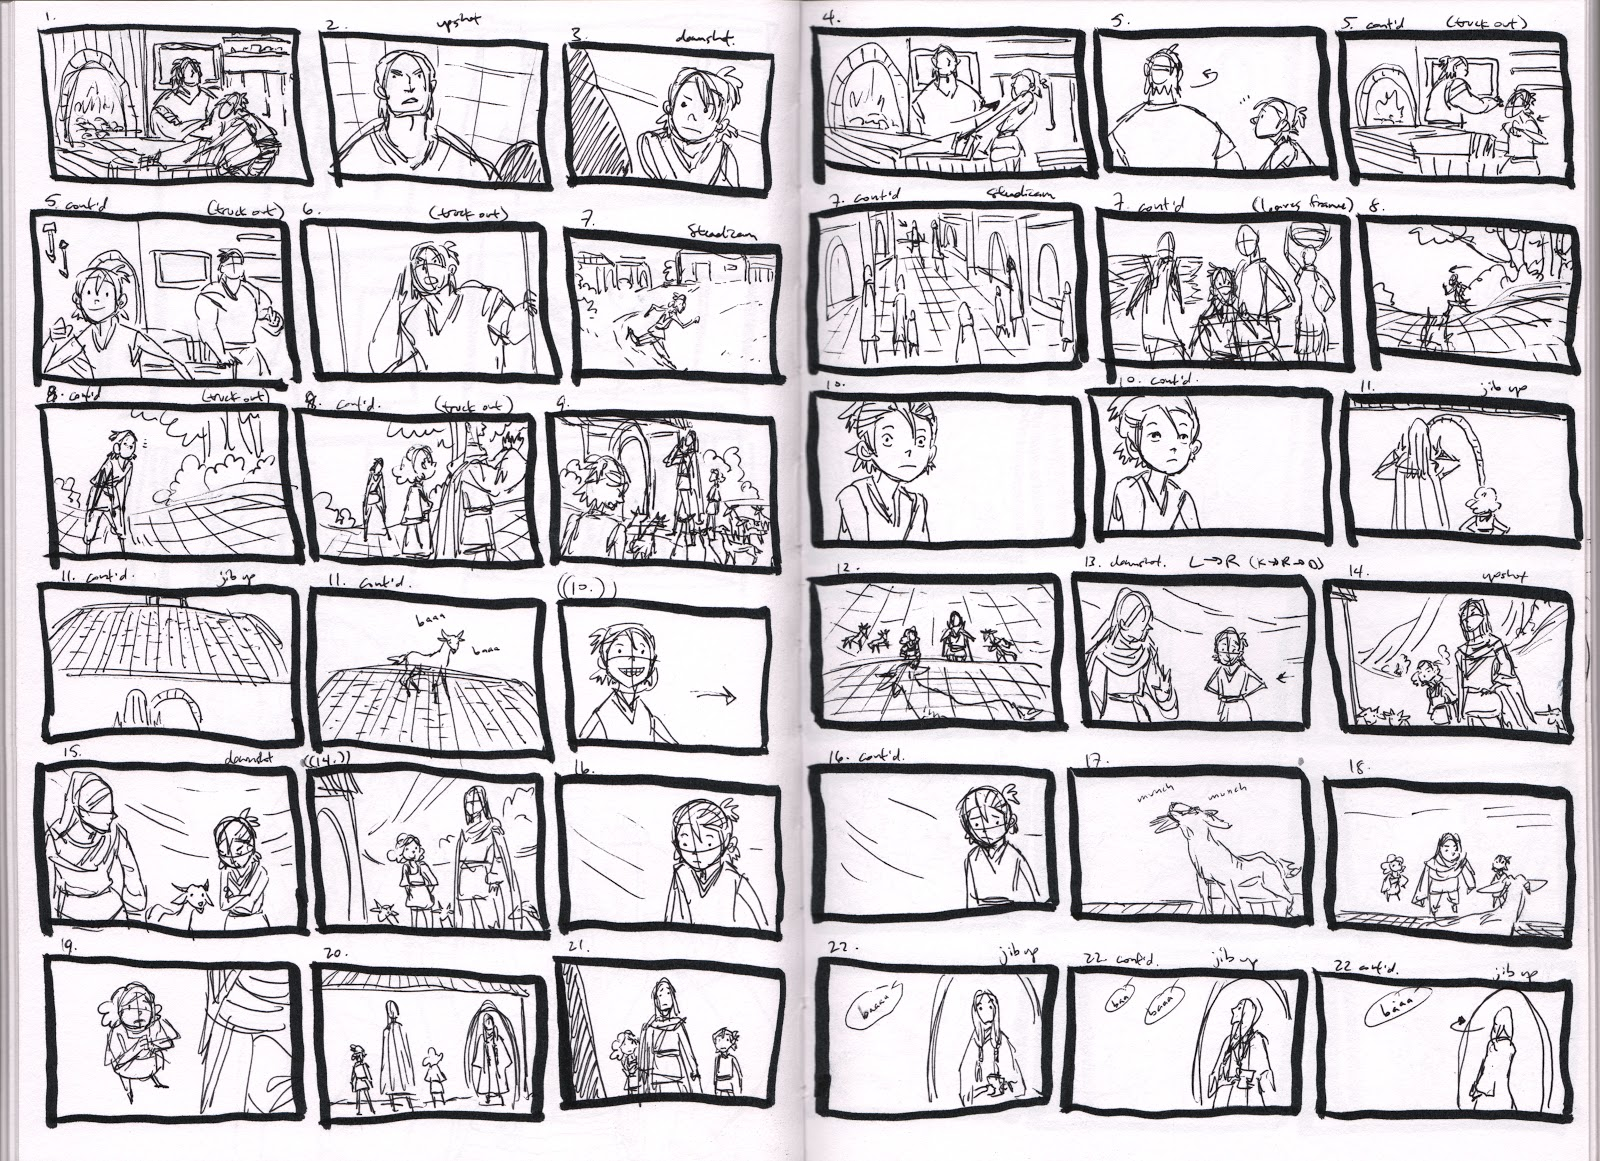 Que es storyboard en ingles